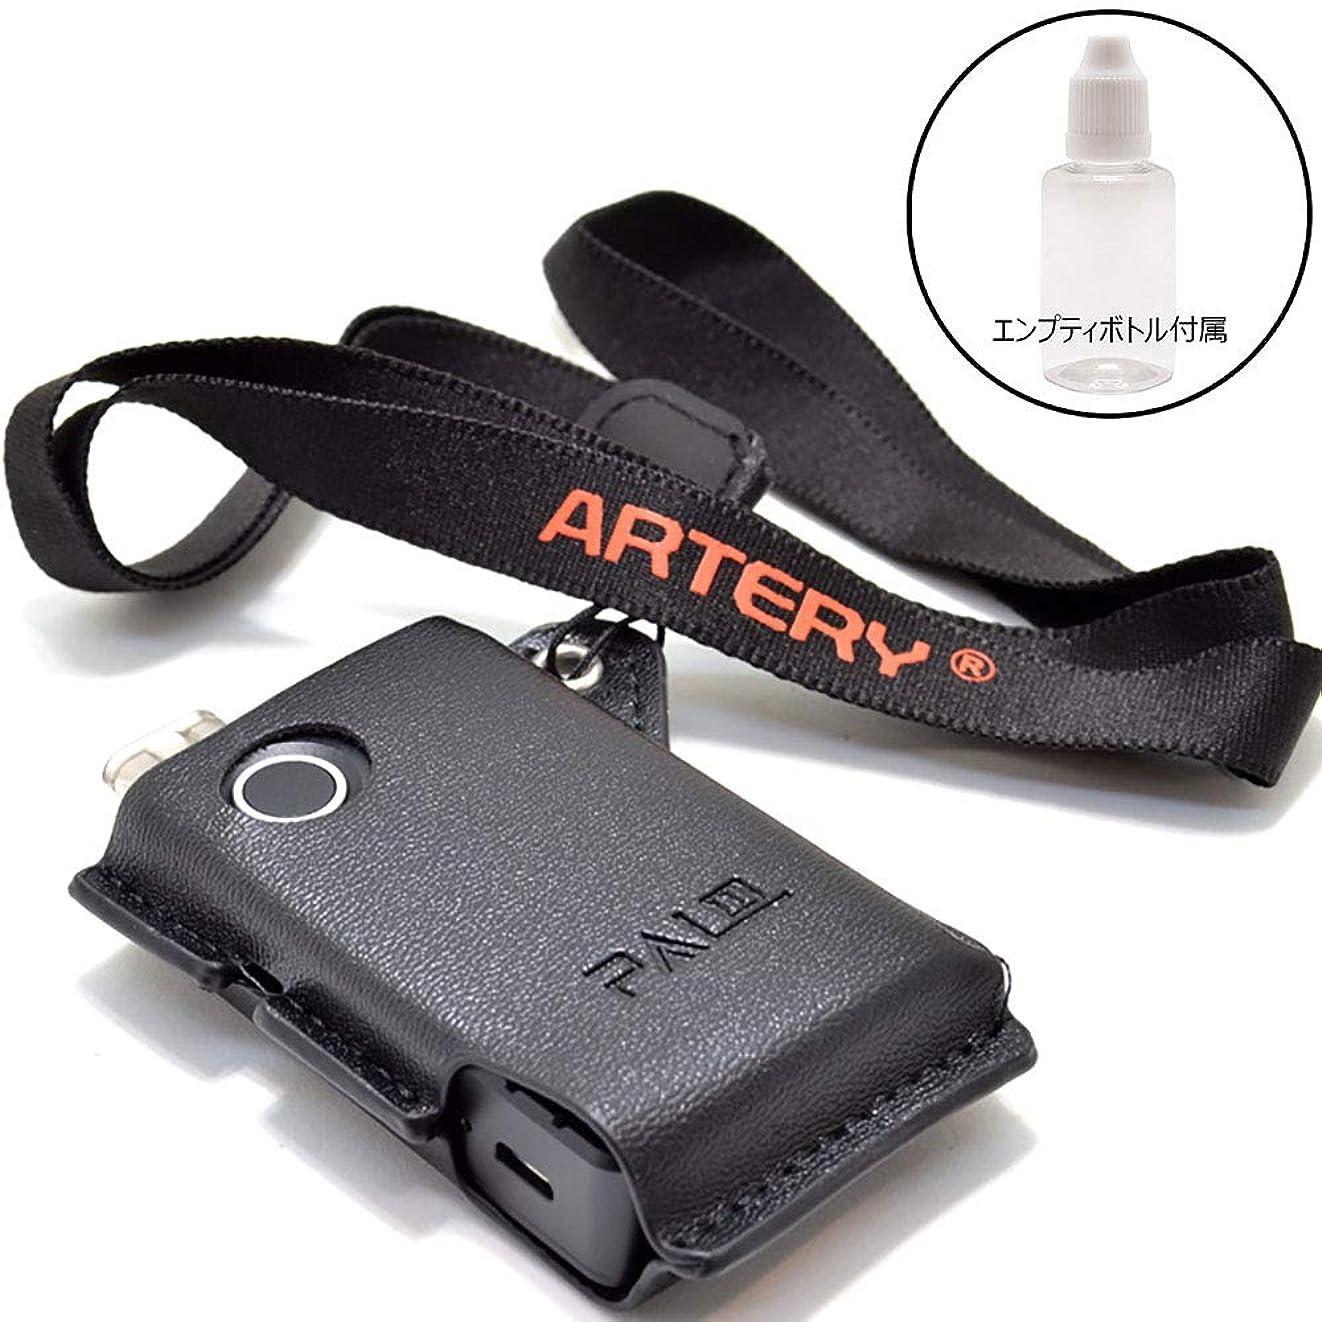 和石連想正規品 ARTERY PAL 2 専用 純正 PVCレザーケース BLACK Amazon限定 エンプティボトル付き